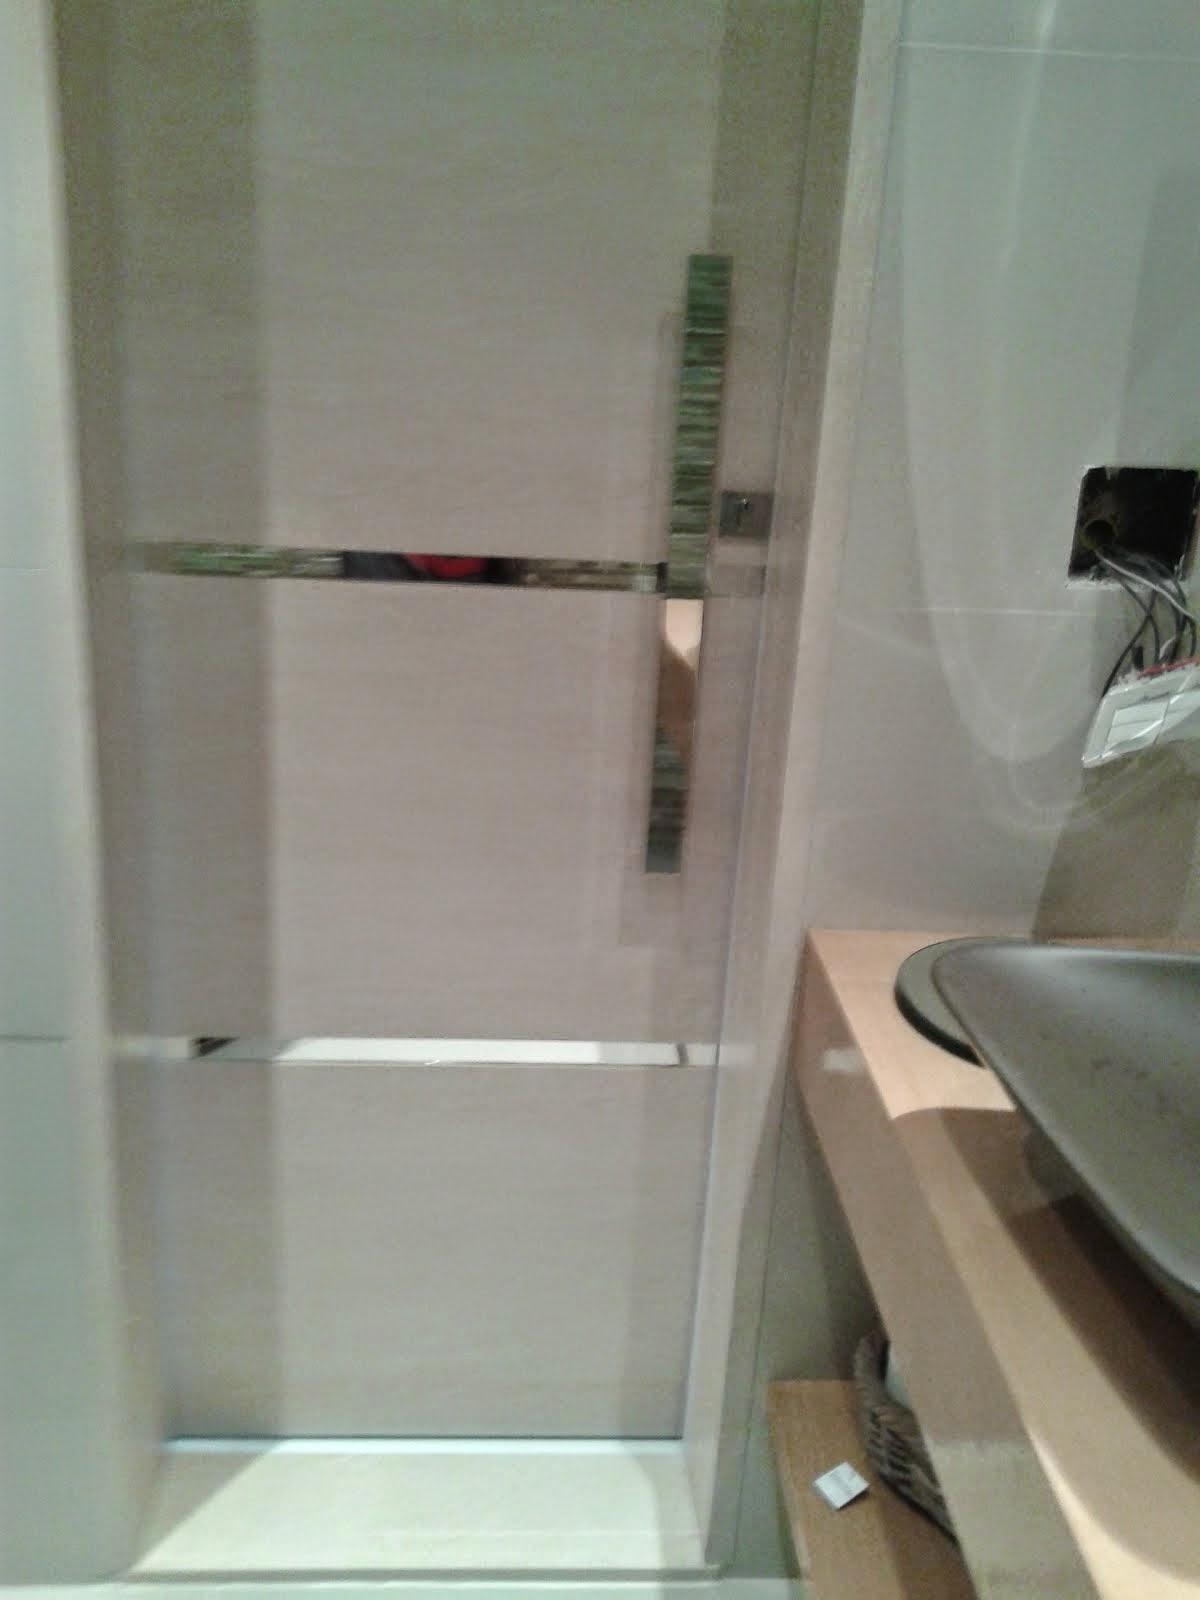 cozinha planejada 03 cozinha planejada 01 banheiro 01 banheiro 01 #5C4C3C 1200x1600 Balança De Banheiro Lojas Americanas